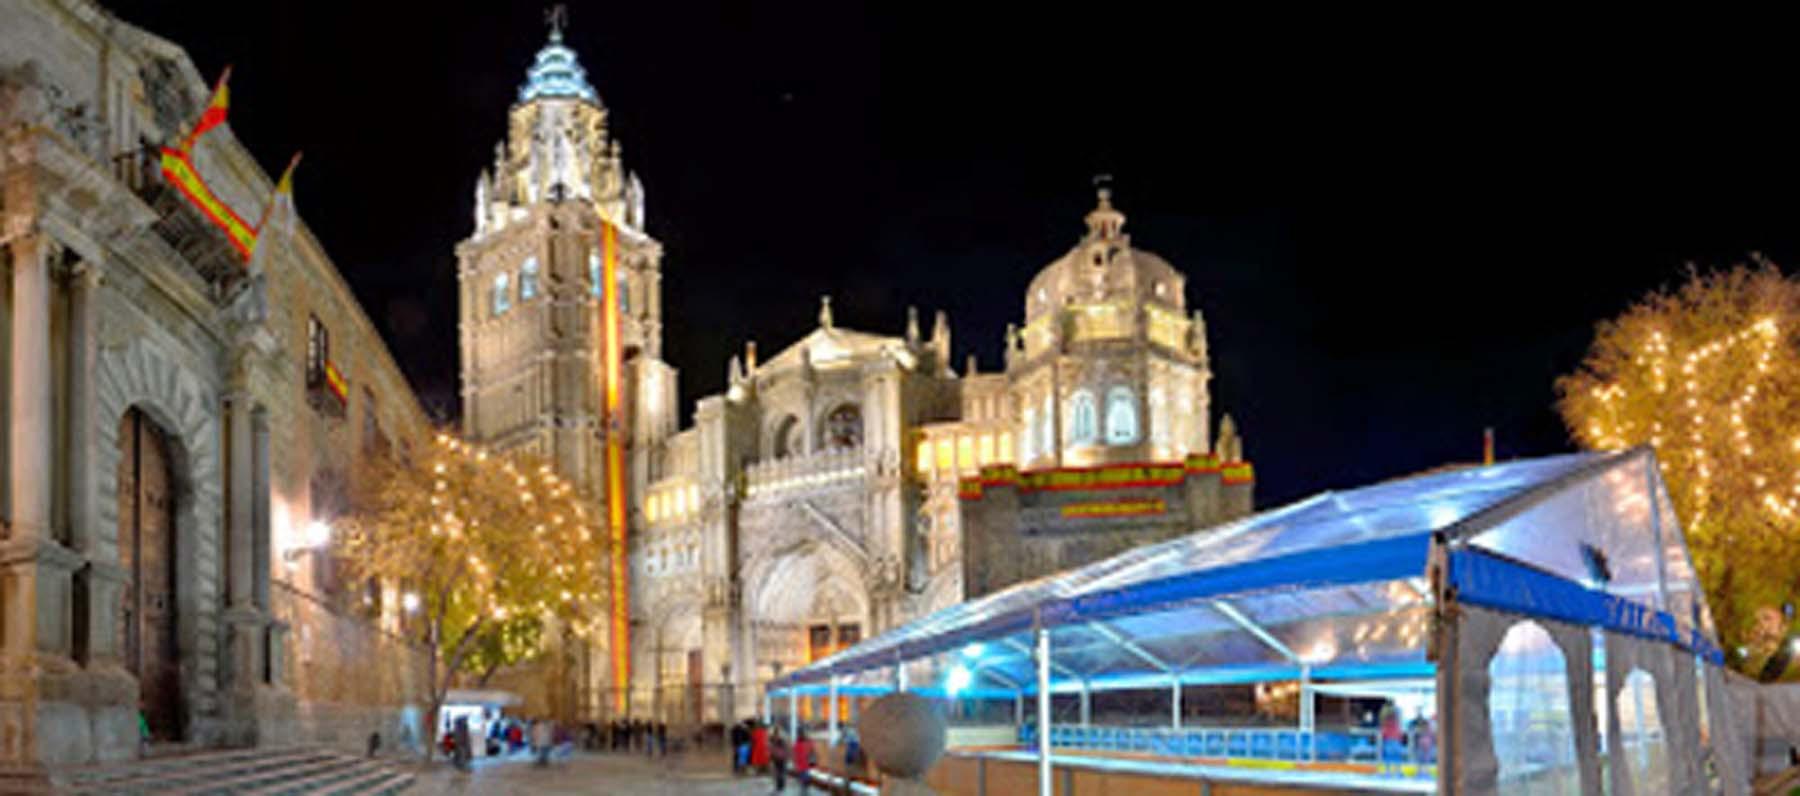 Imagen: retazosdecolor.blogspot.com.es